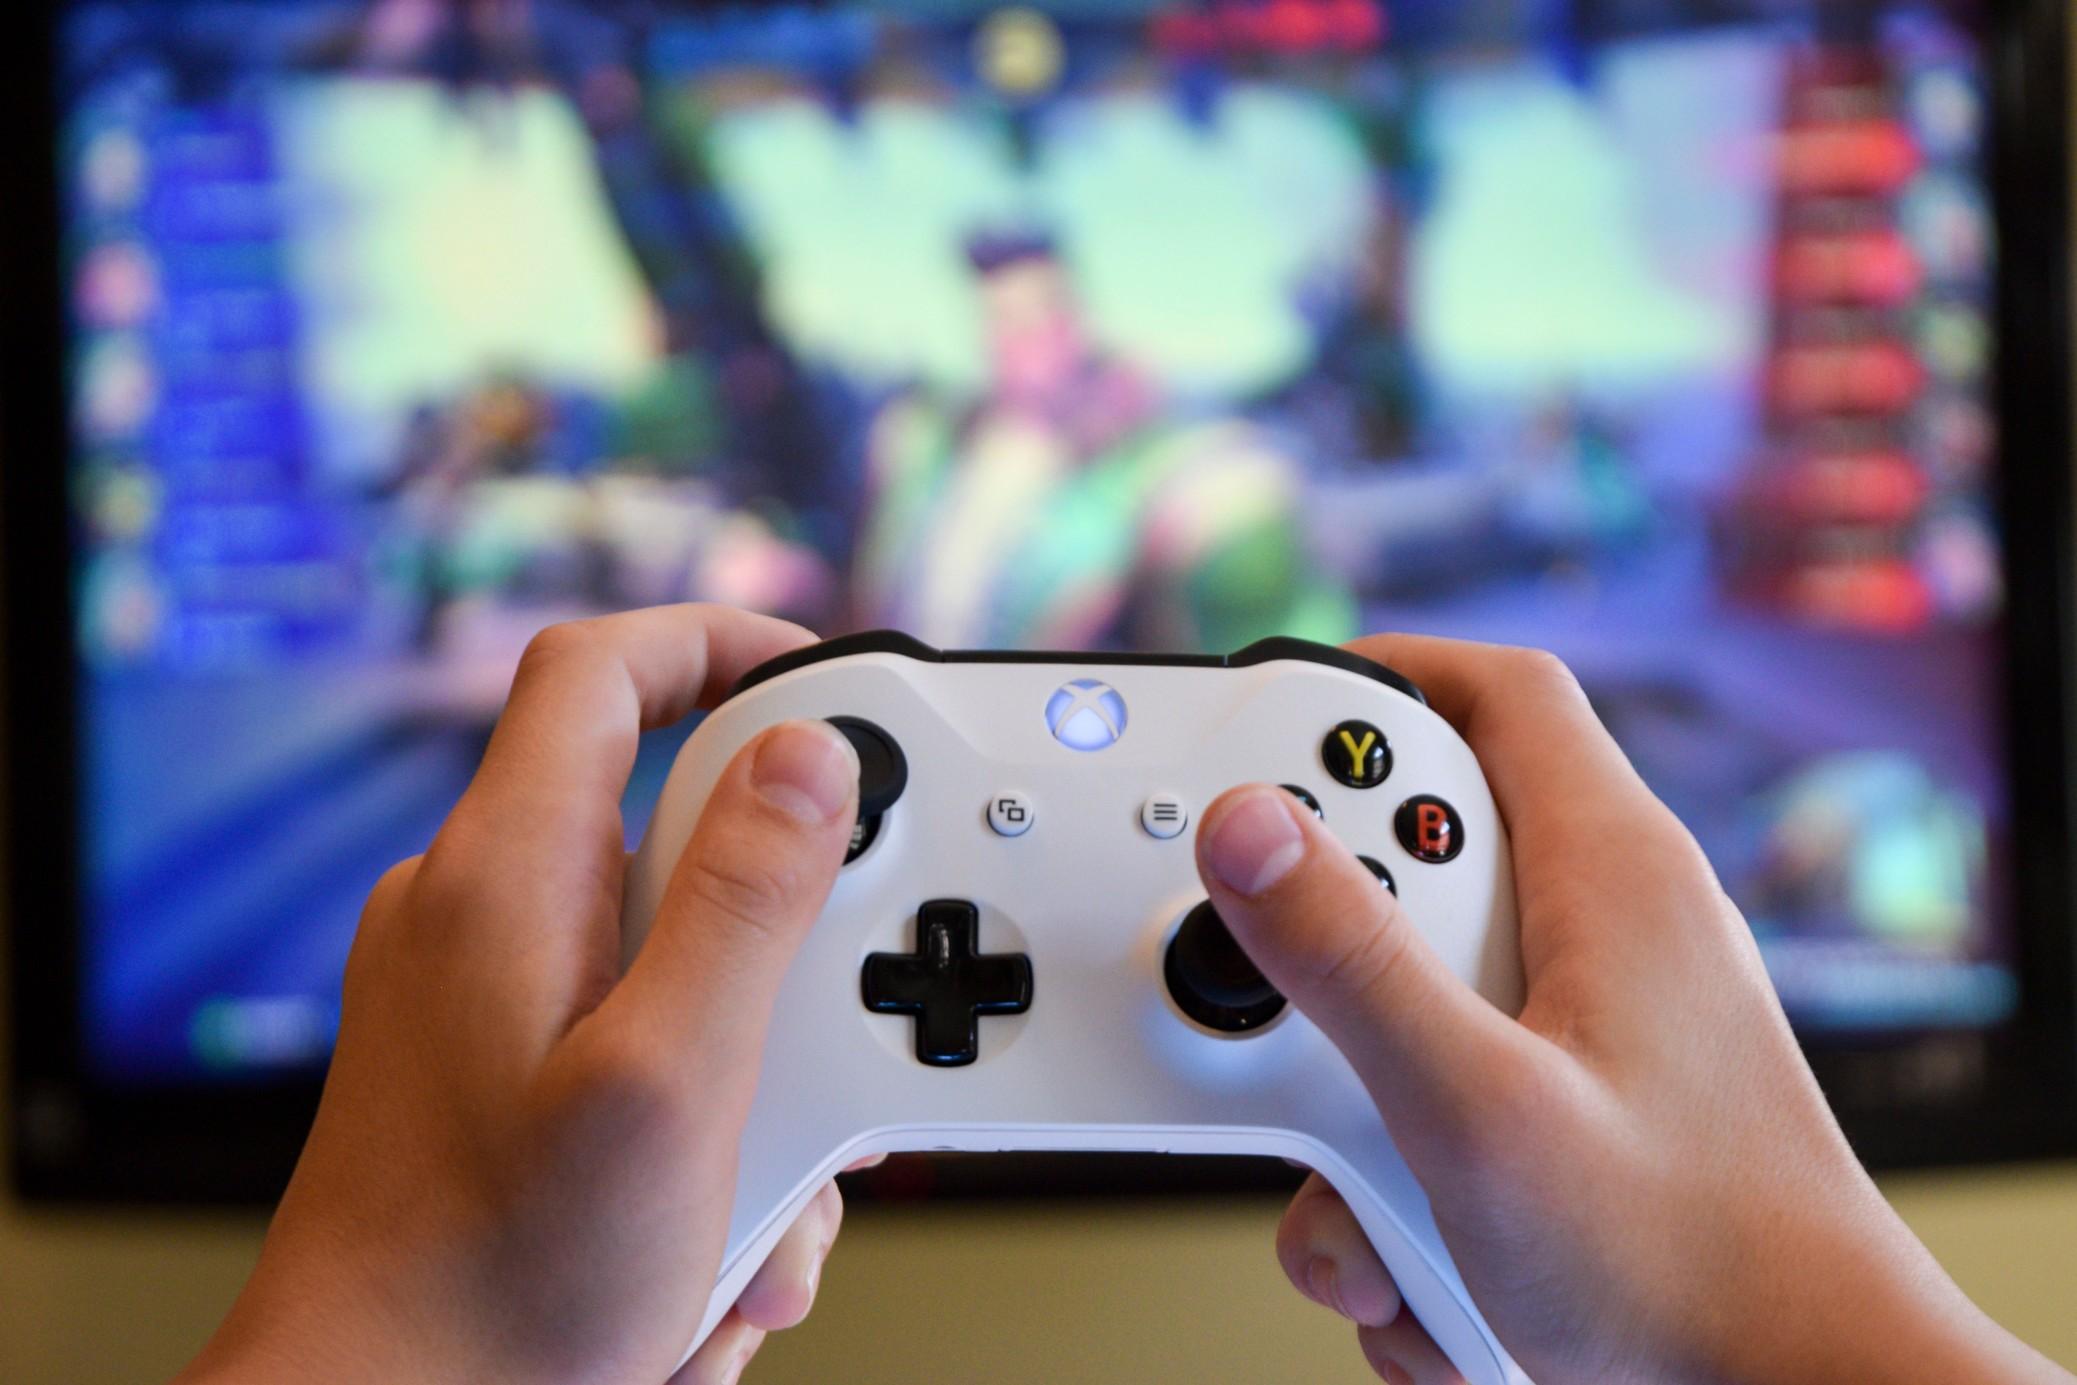 Où trouver des bons plans pour les jeux vidéos ?